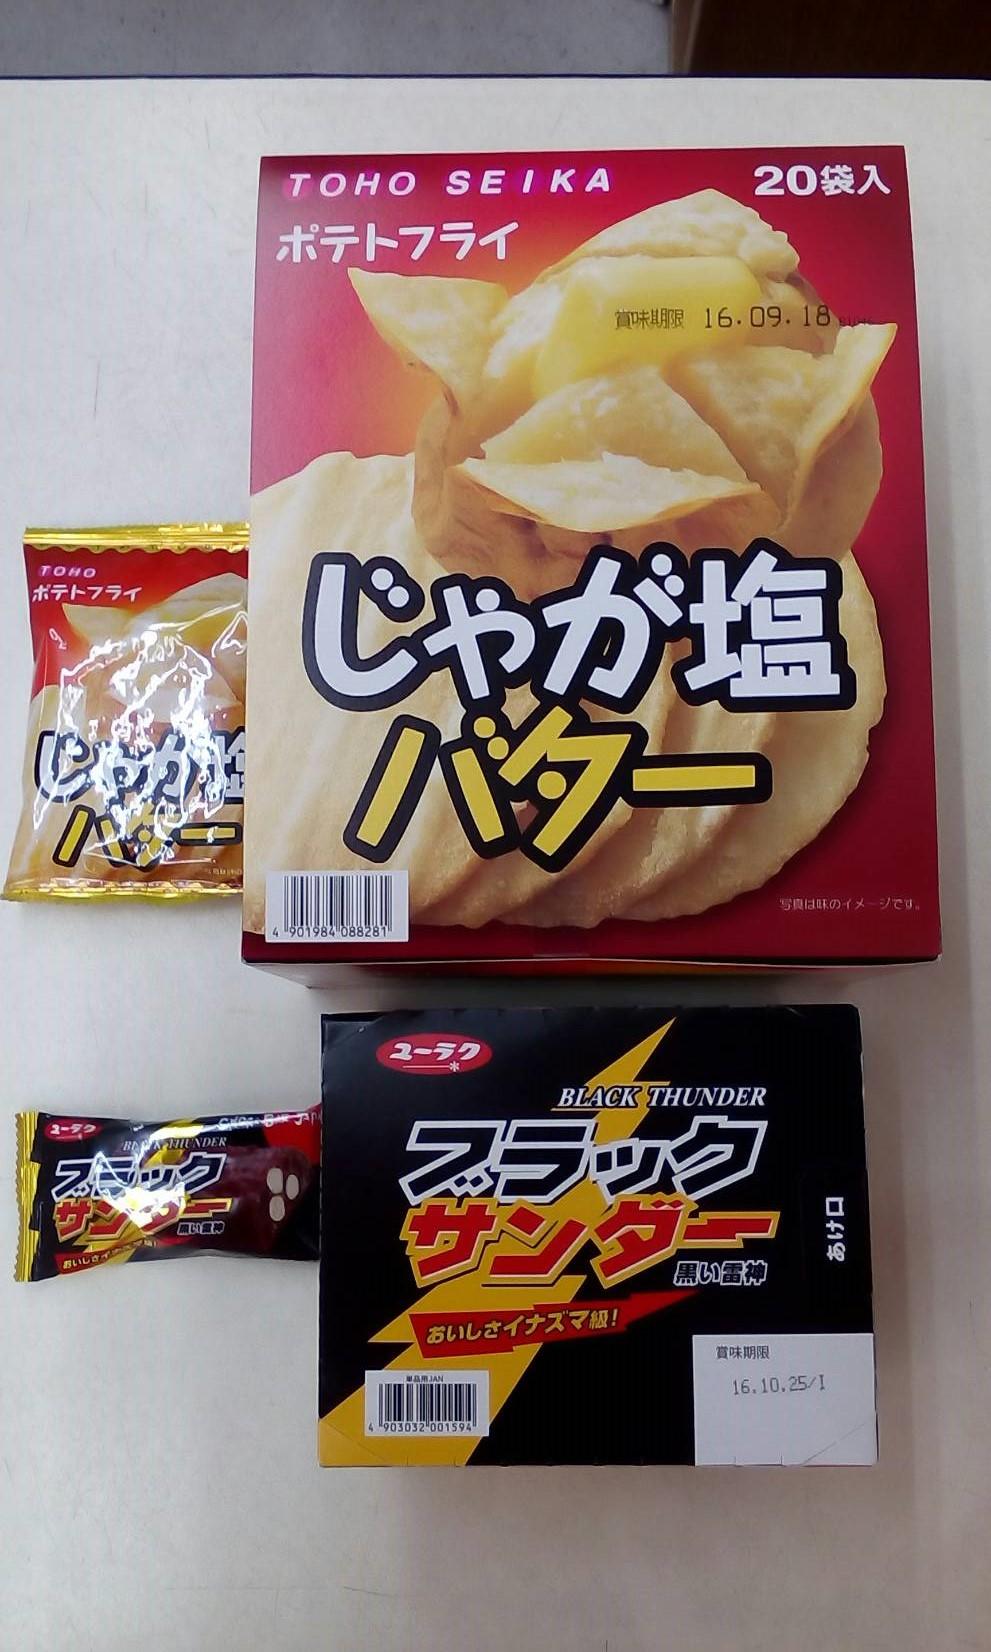 ヒット商品(ブラックサンダー・ポテトフライ(じゃが塩バター)